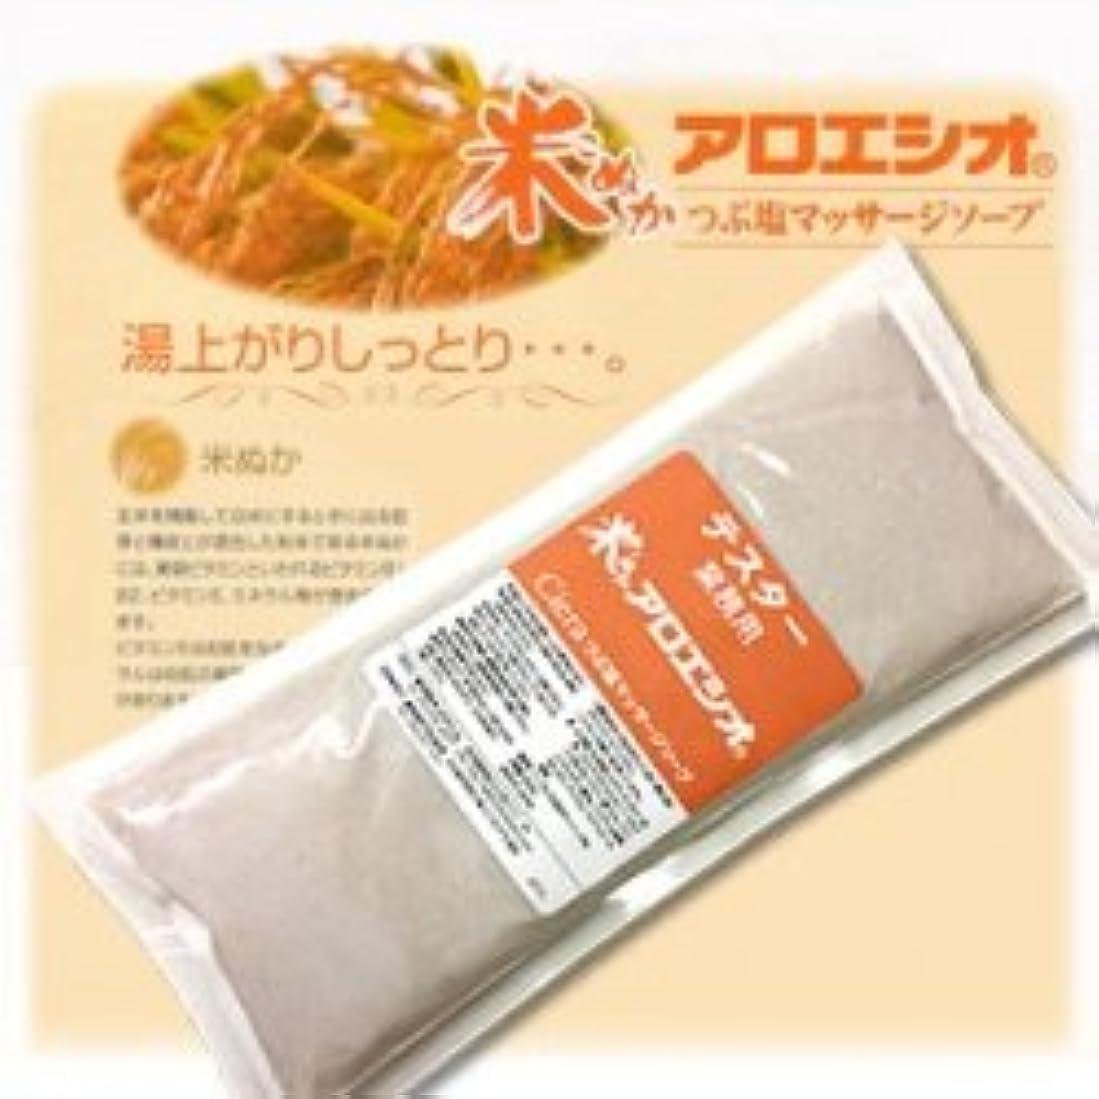 買い手によって正しい業務用米ぬかアロエ塩 800g つぶ塩マッサージソープ/ フタバ化学 アロエシオ Ciera